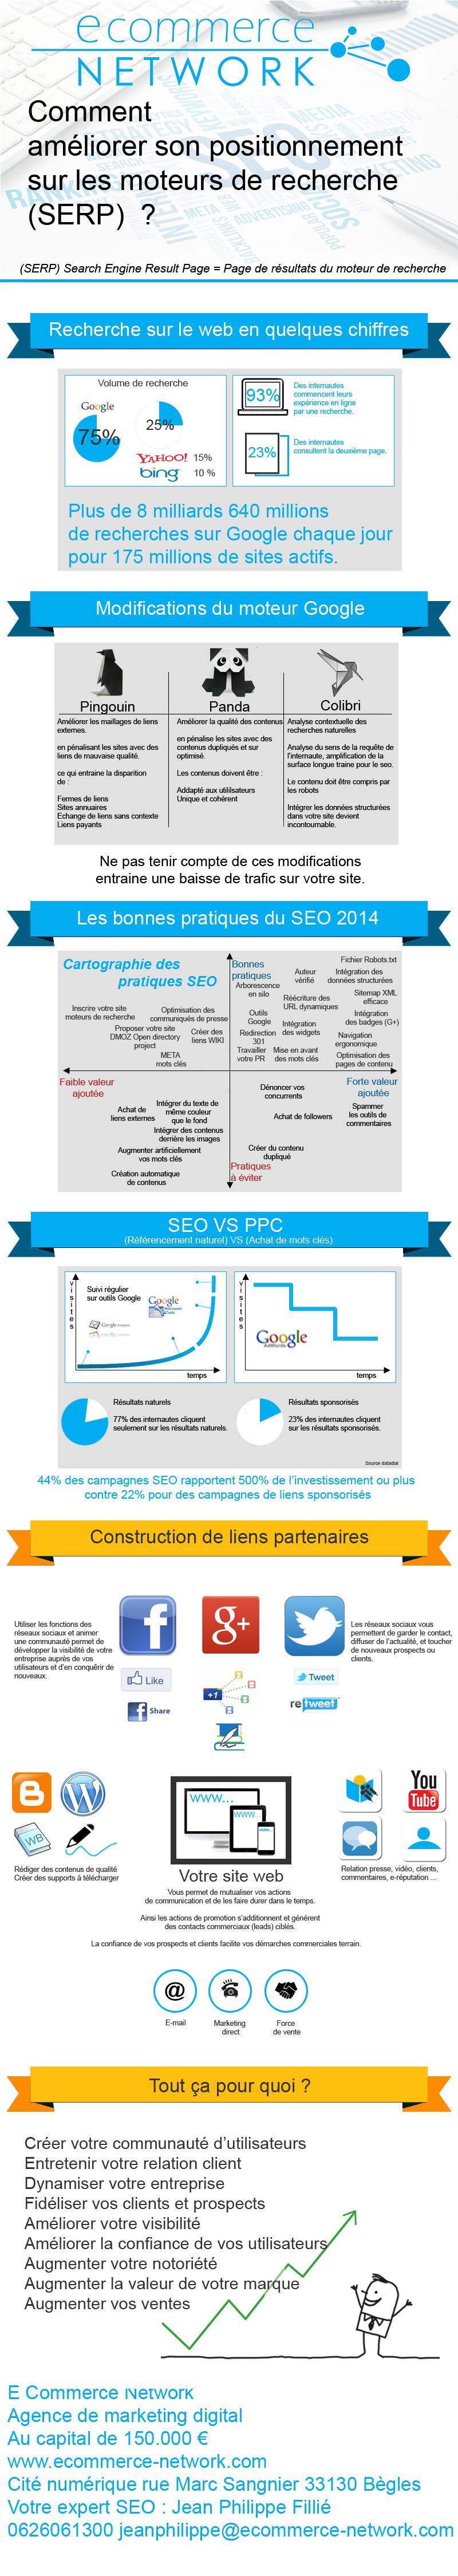 guide référencement 2014 bonnes pratiques SEO par E Commerce Network Bordeaux infographie